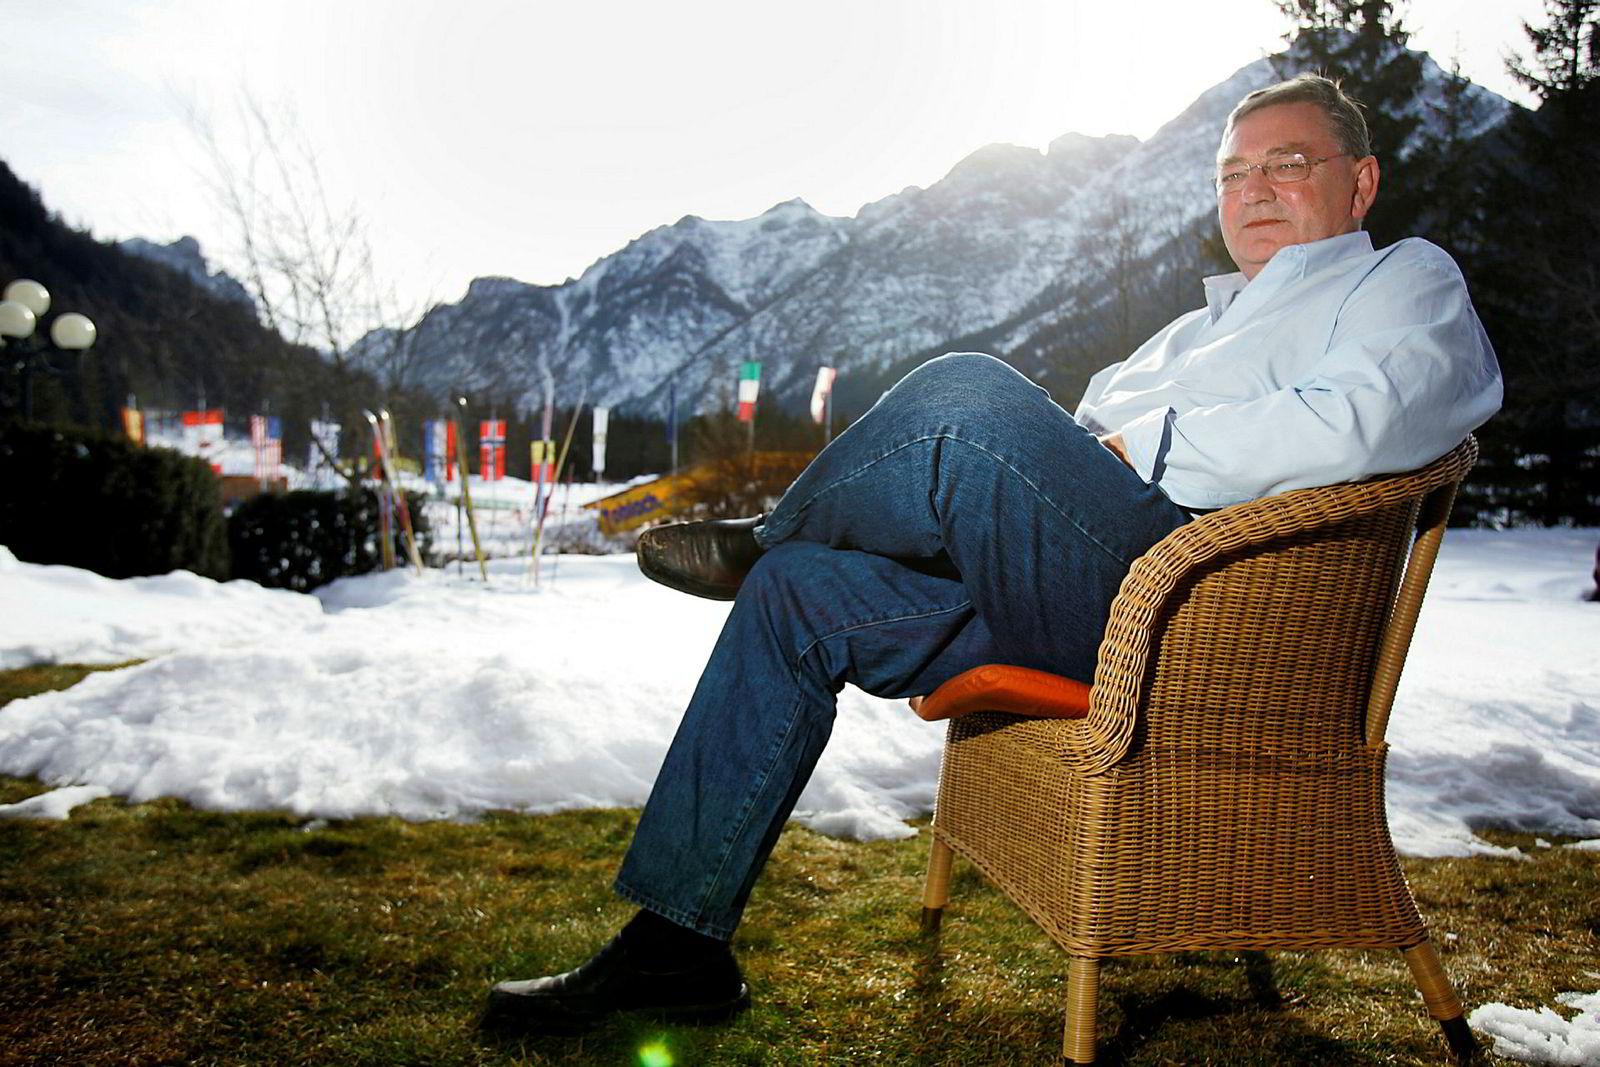 Jacob Lund har hatt ansvaret for flere av norsk idretts største sponsoravtaler, også med skiforbundet. Han er kritisk til håndteringen av saken.